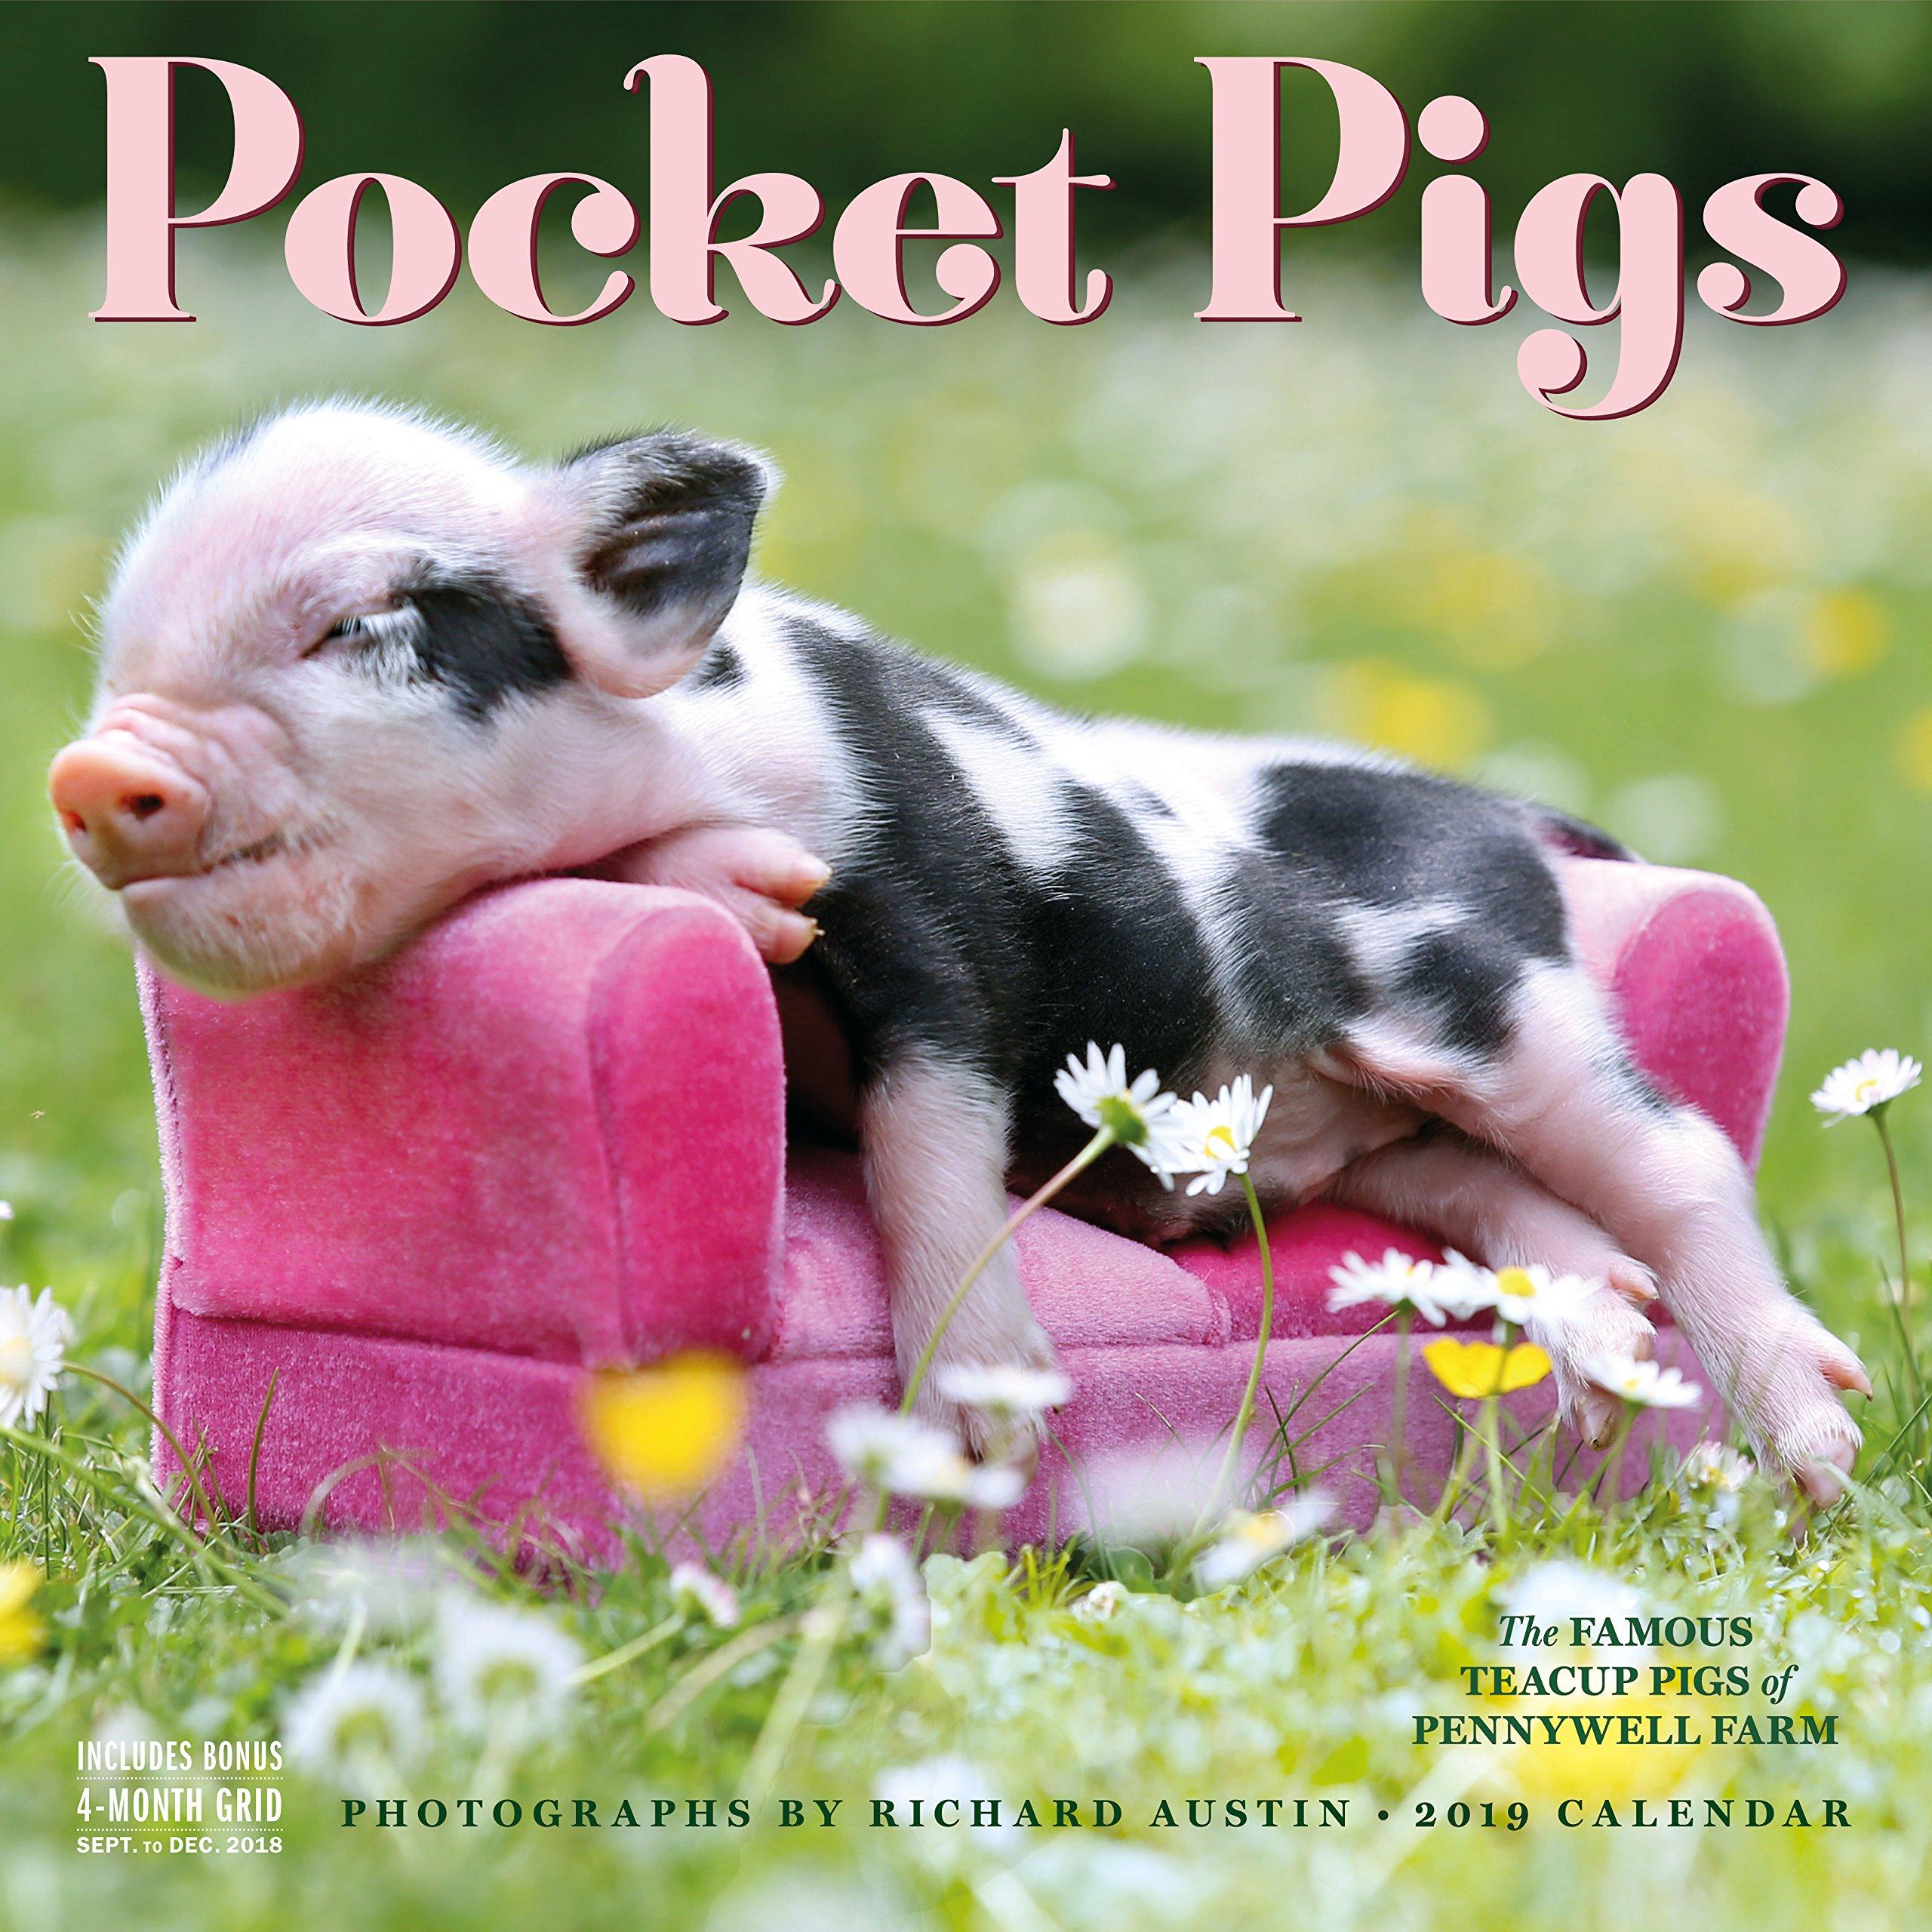 Famous pigs